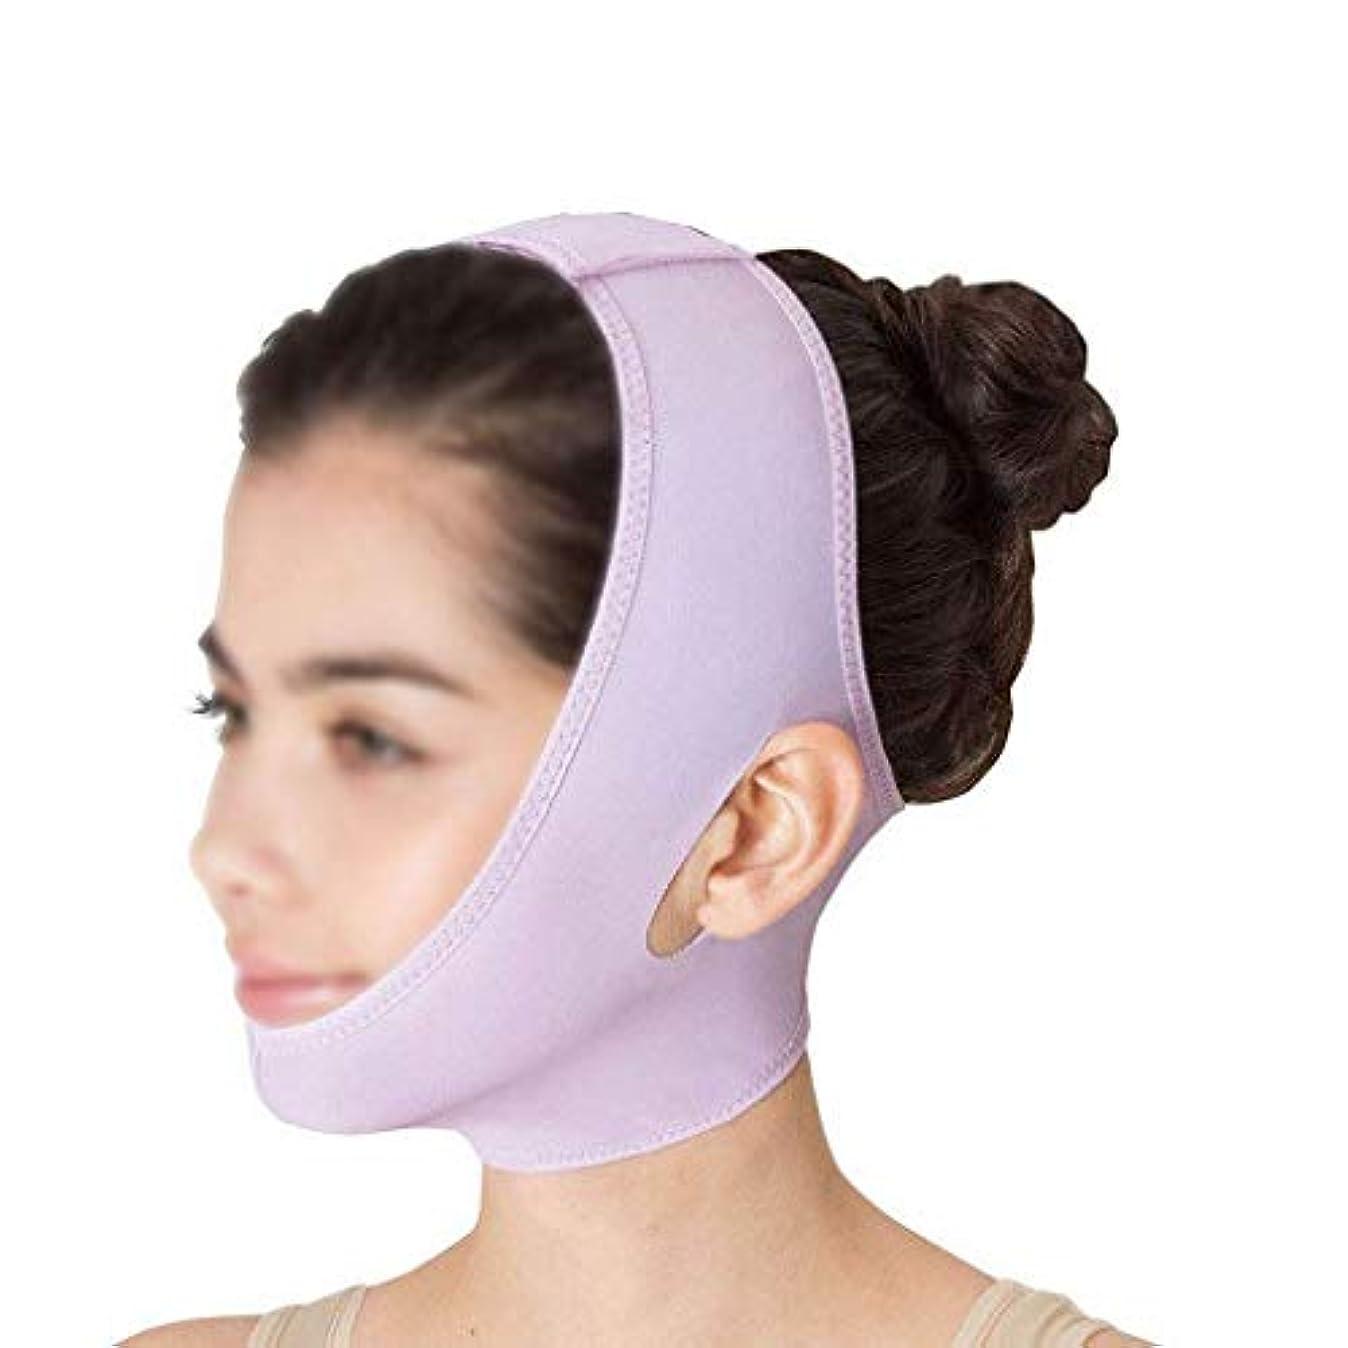 相談する戸棚プレゼンテーション薄いフェイスマスク ビームフェイス、薄いダブルチンでスリーピングマスクの下の頬を防ぎ、小さなVフェイスを作成